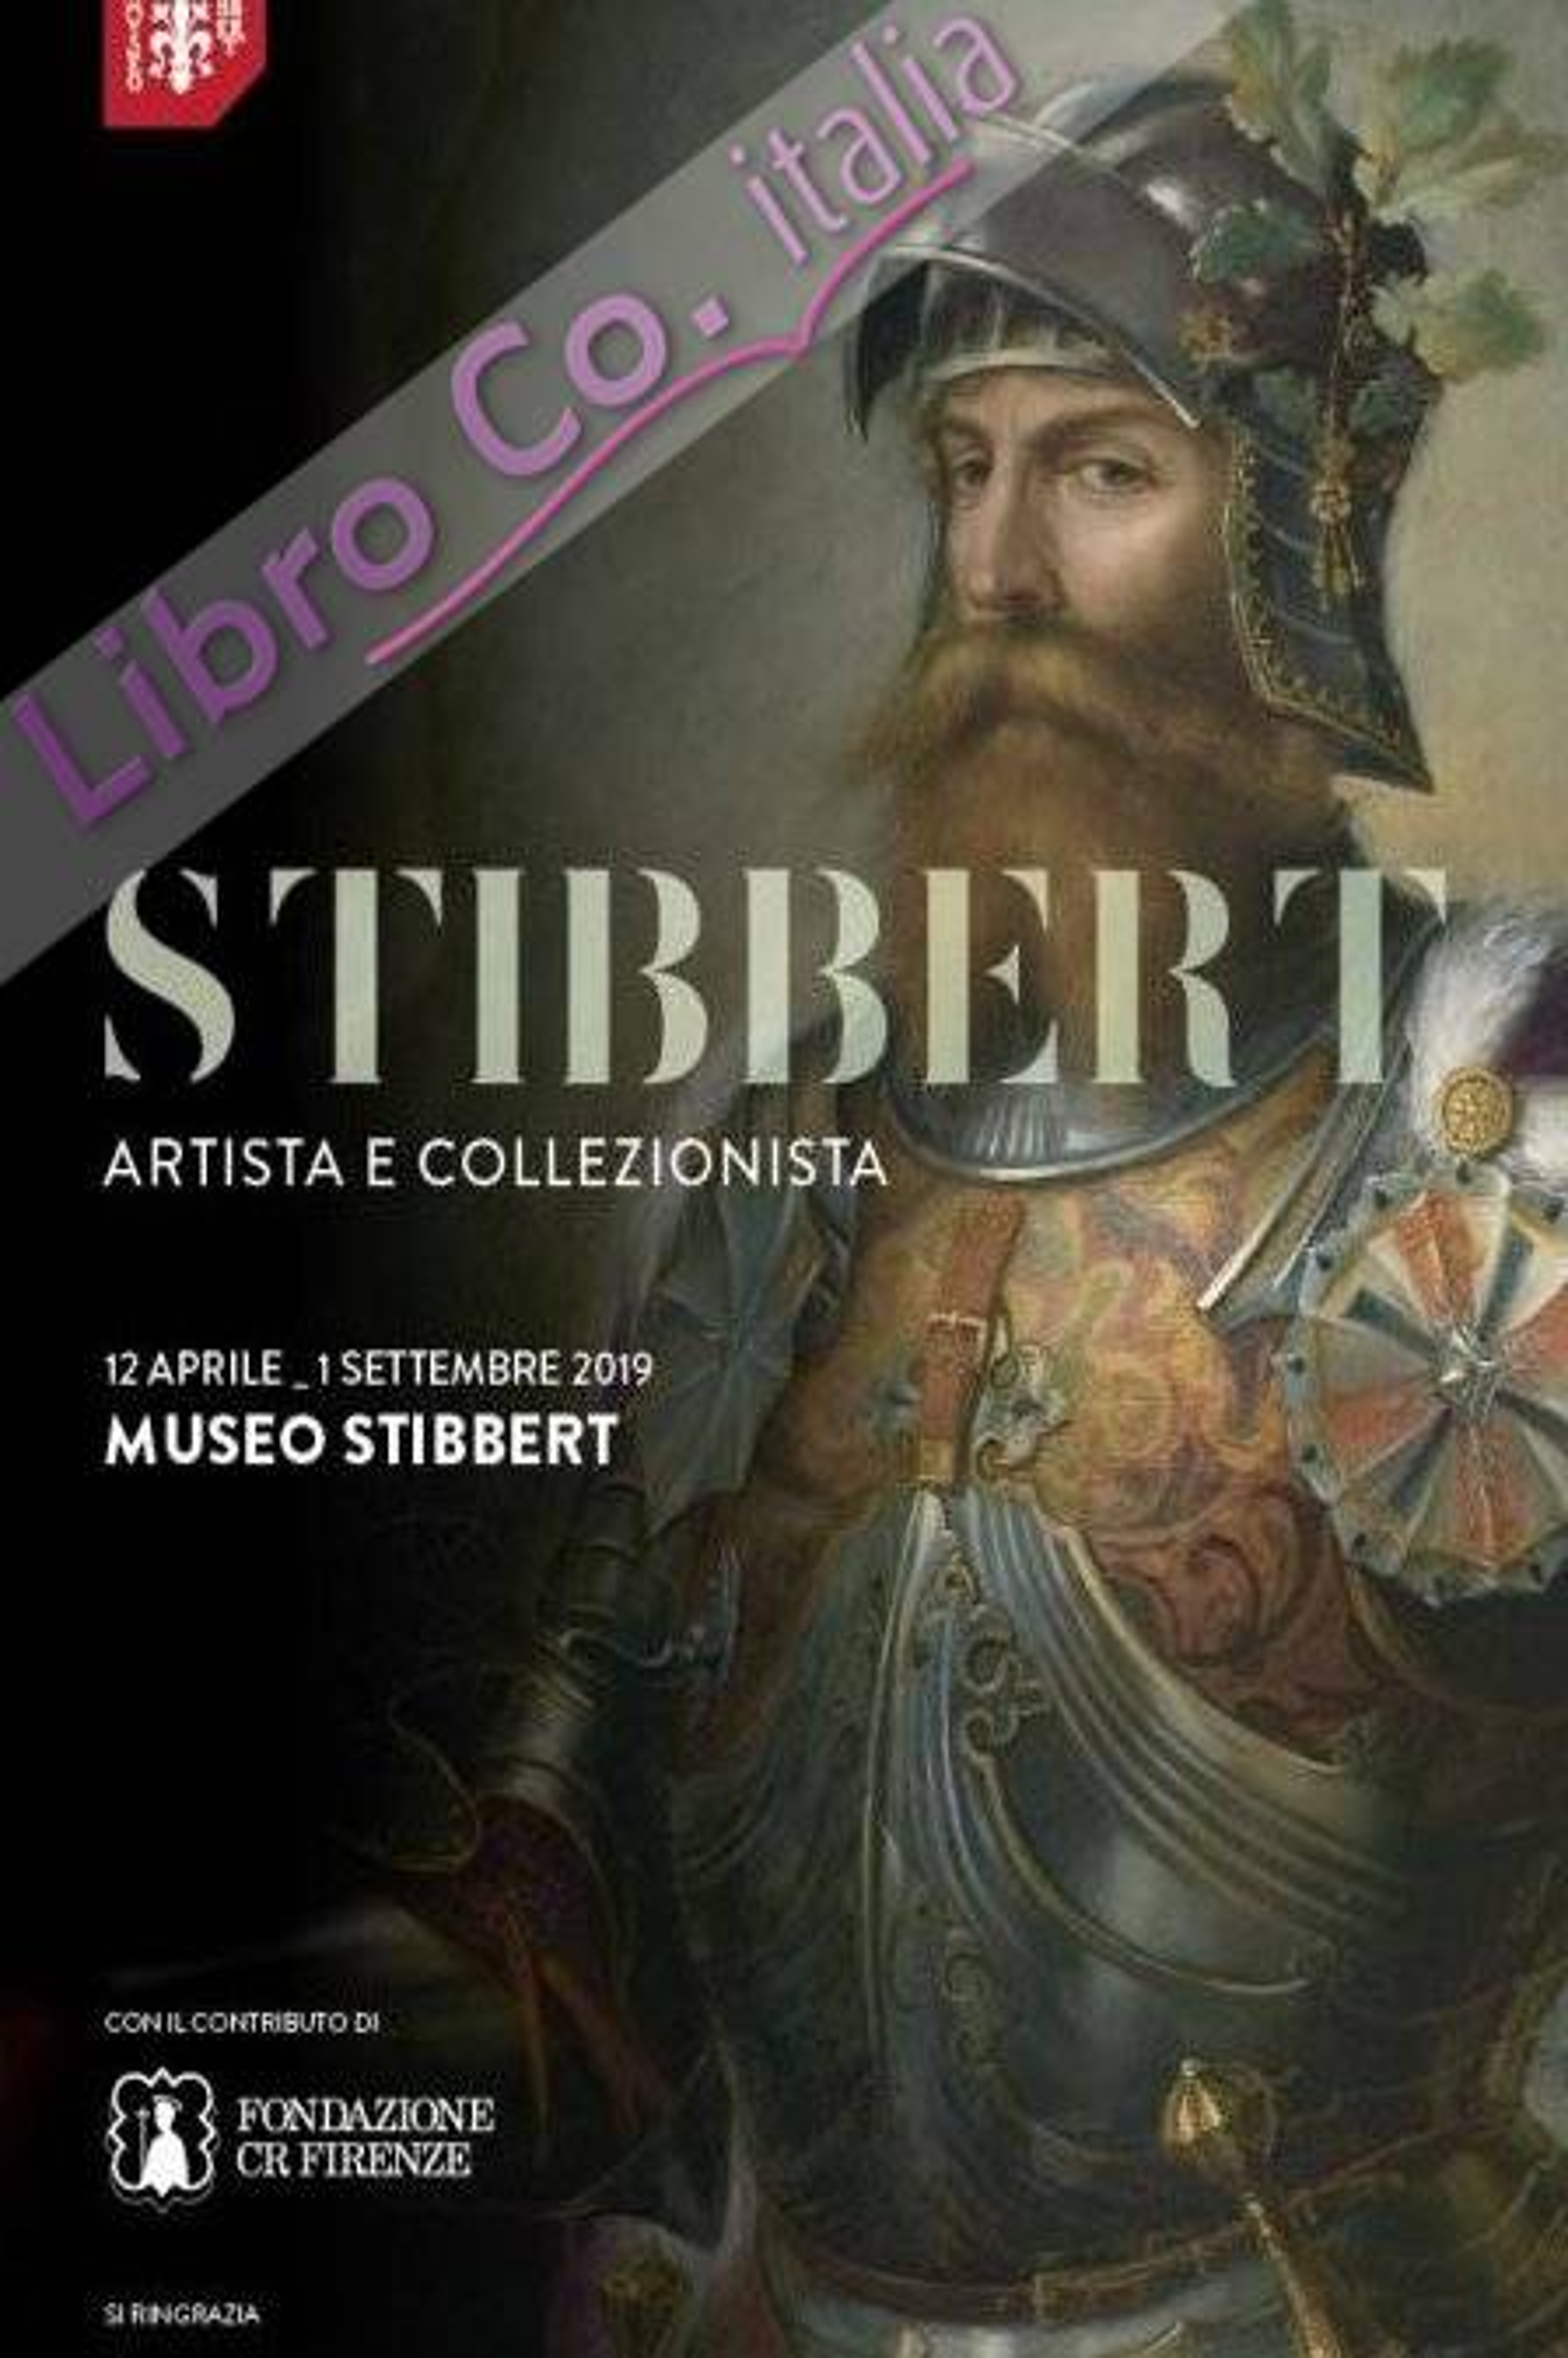 Stibbert Artista e Collezionista.